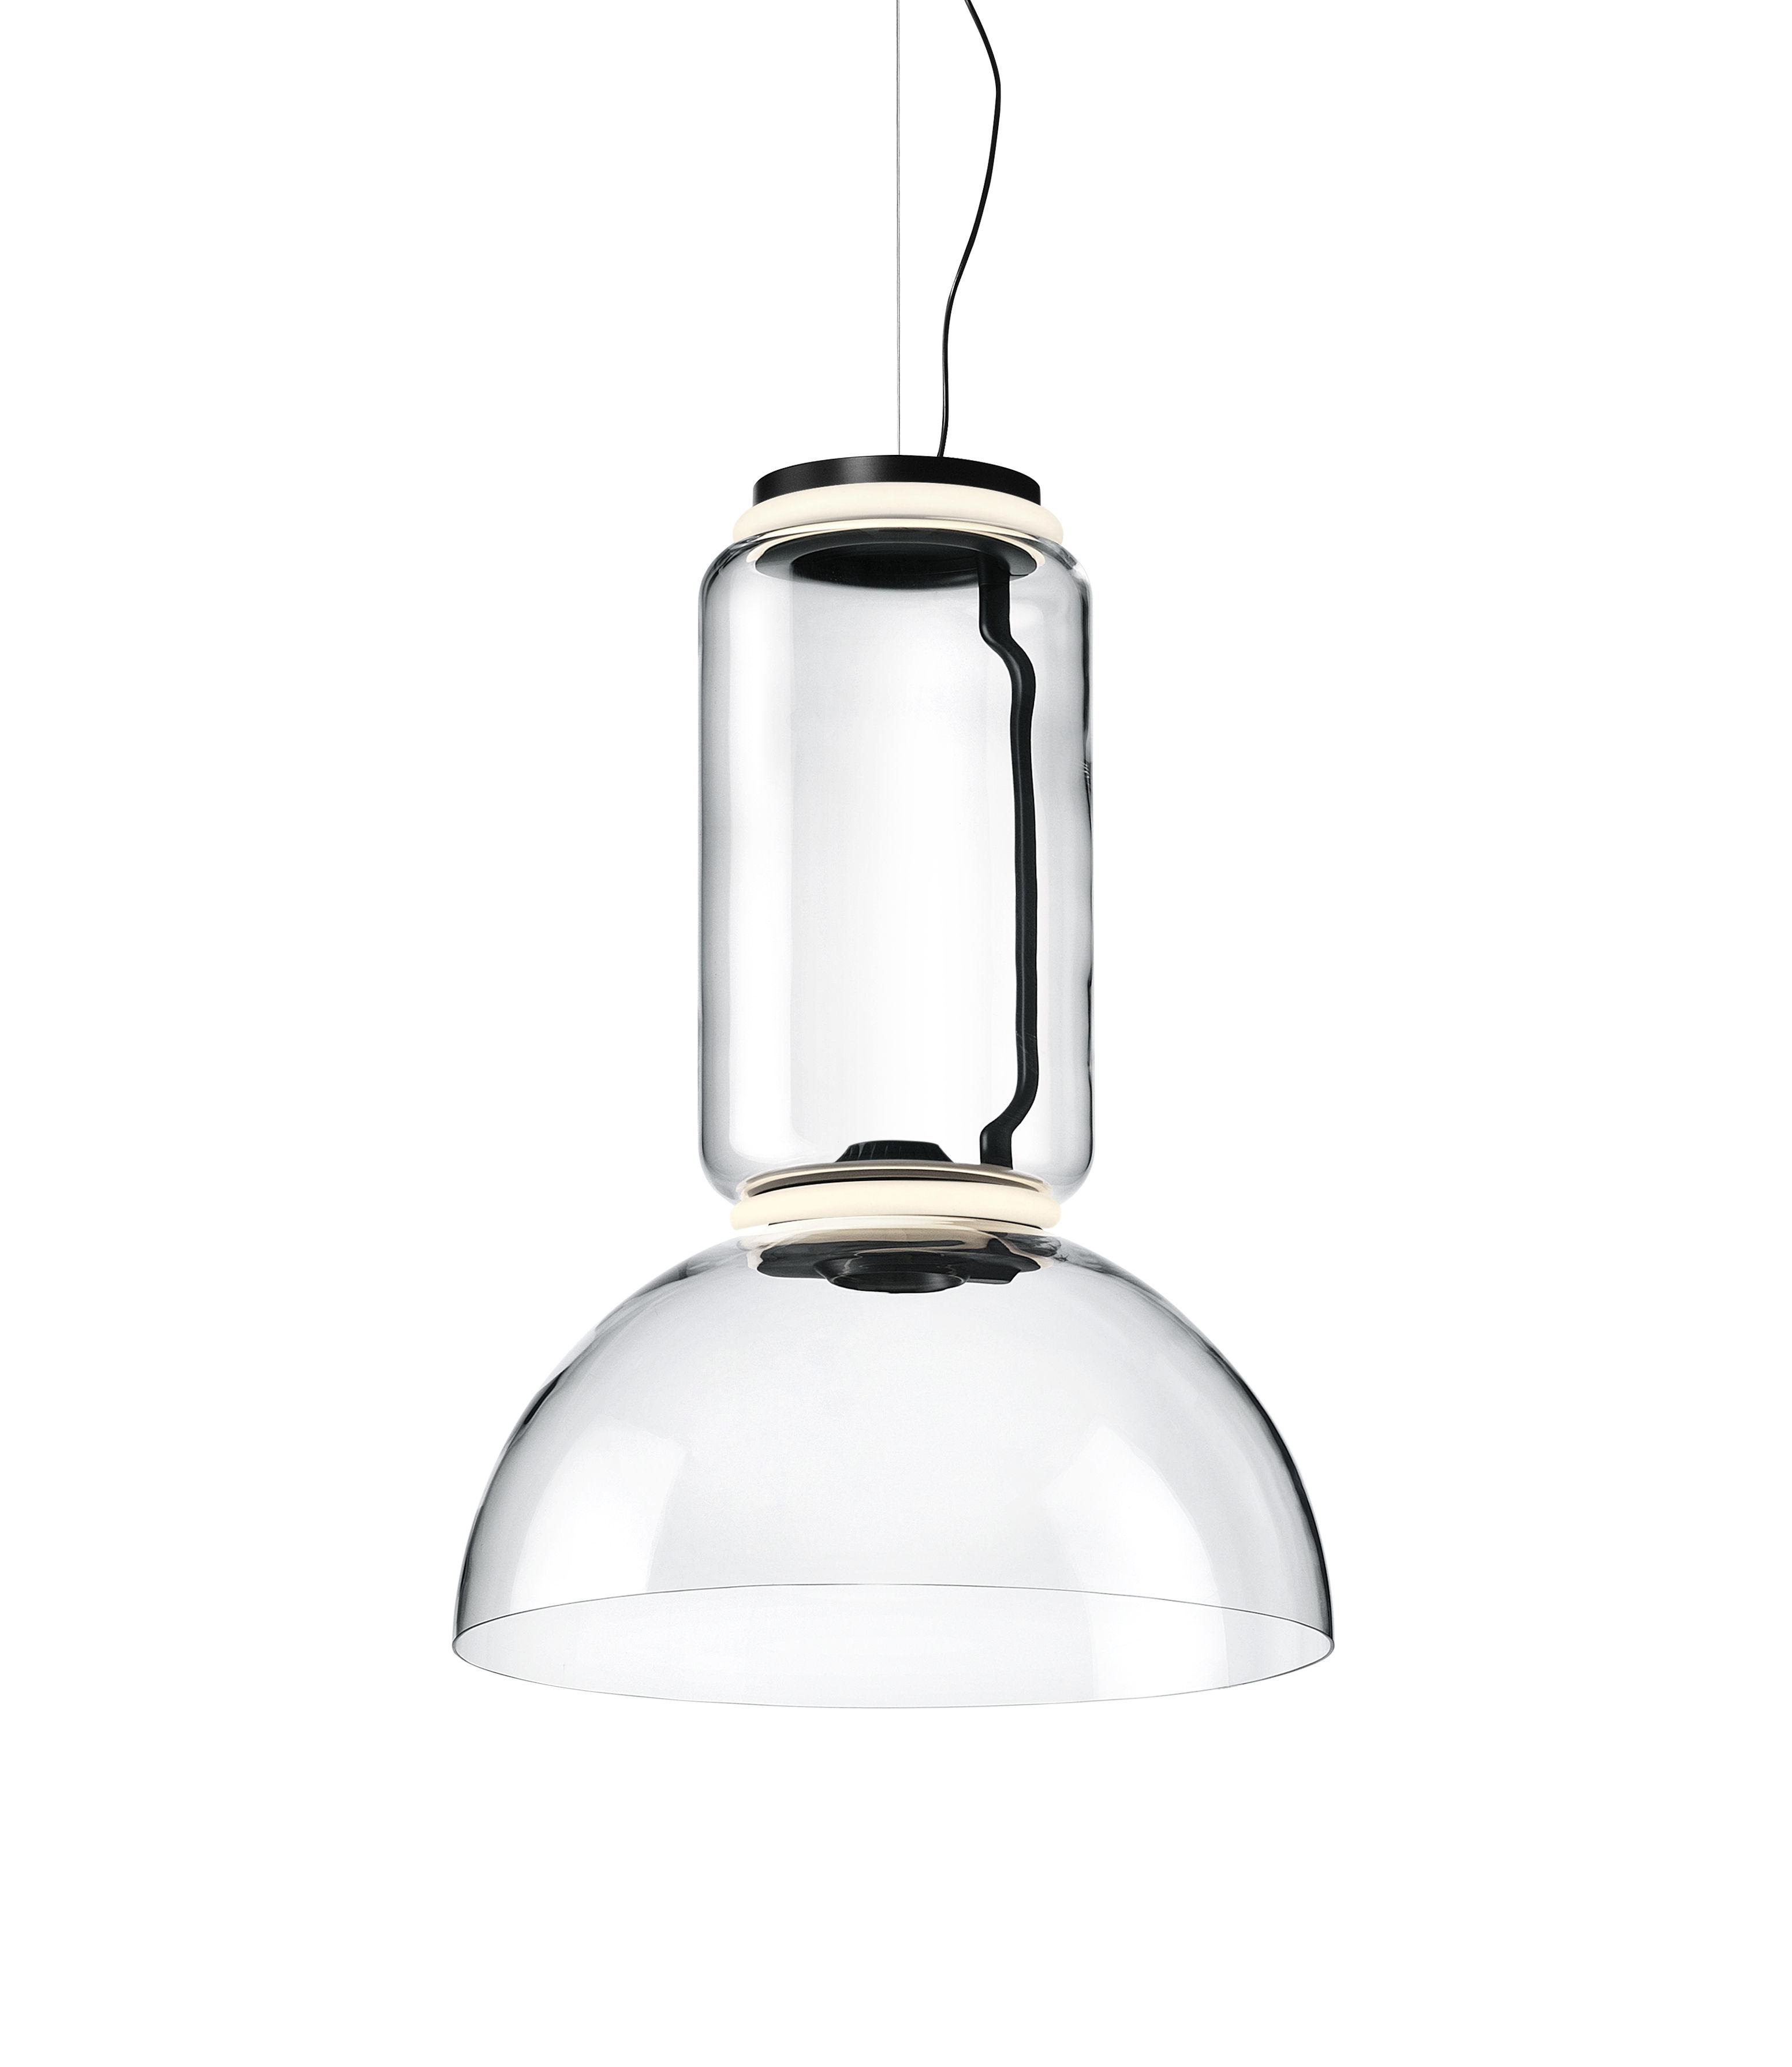 Lighting - Pendant Lighting - Noctambule Dôme n°1 Pendant - / LED - Ø 55 x H 75 cm by Flos - H 75 cm / Transparent - Blown glass, Cast aluminium, Steel